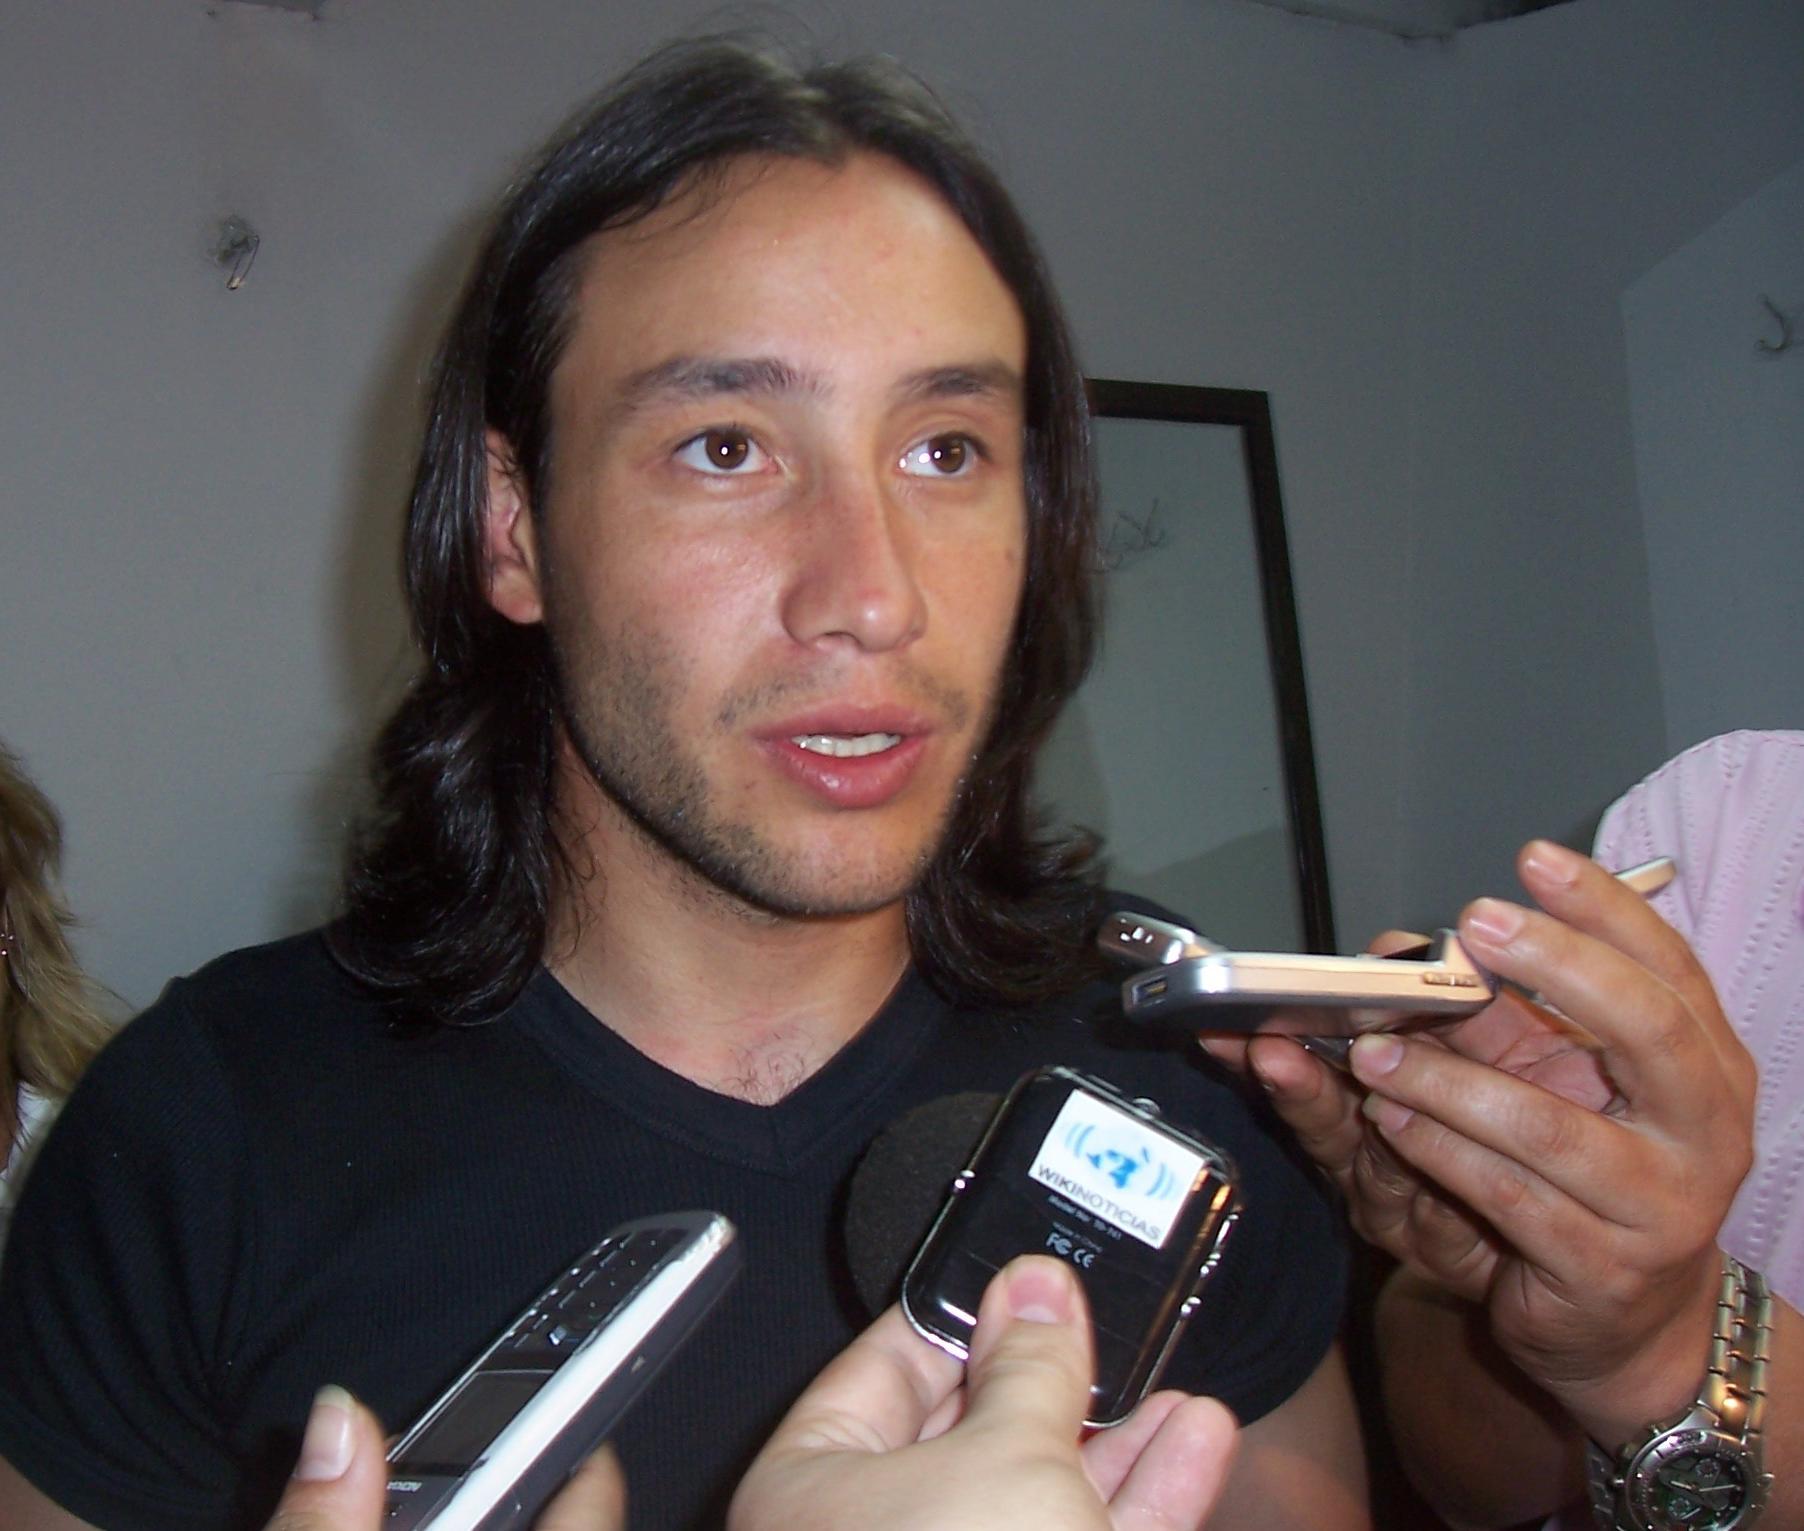 El cantante dialogando con Wikinews en la ciudad de Oberá, Argentina.